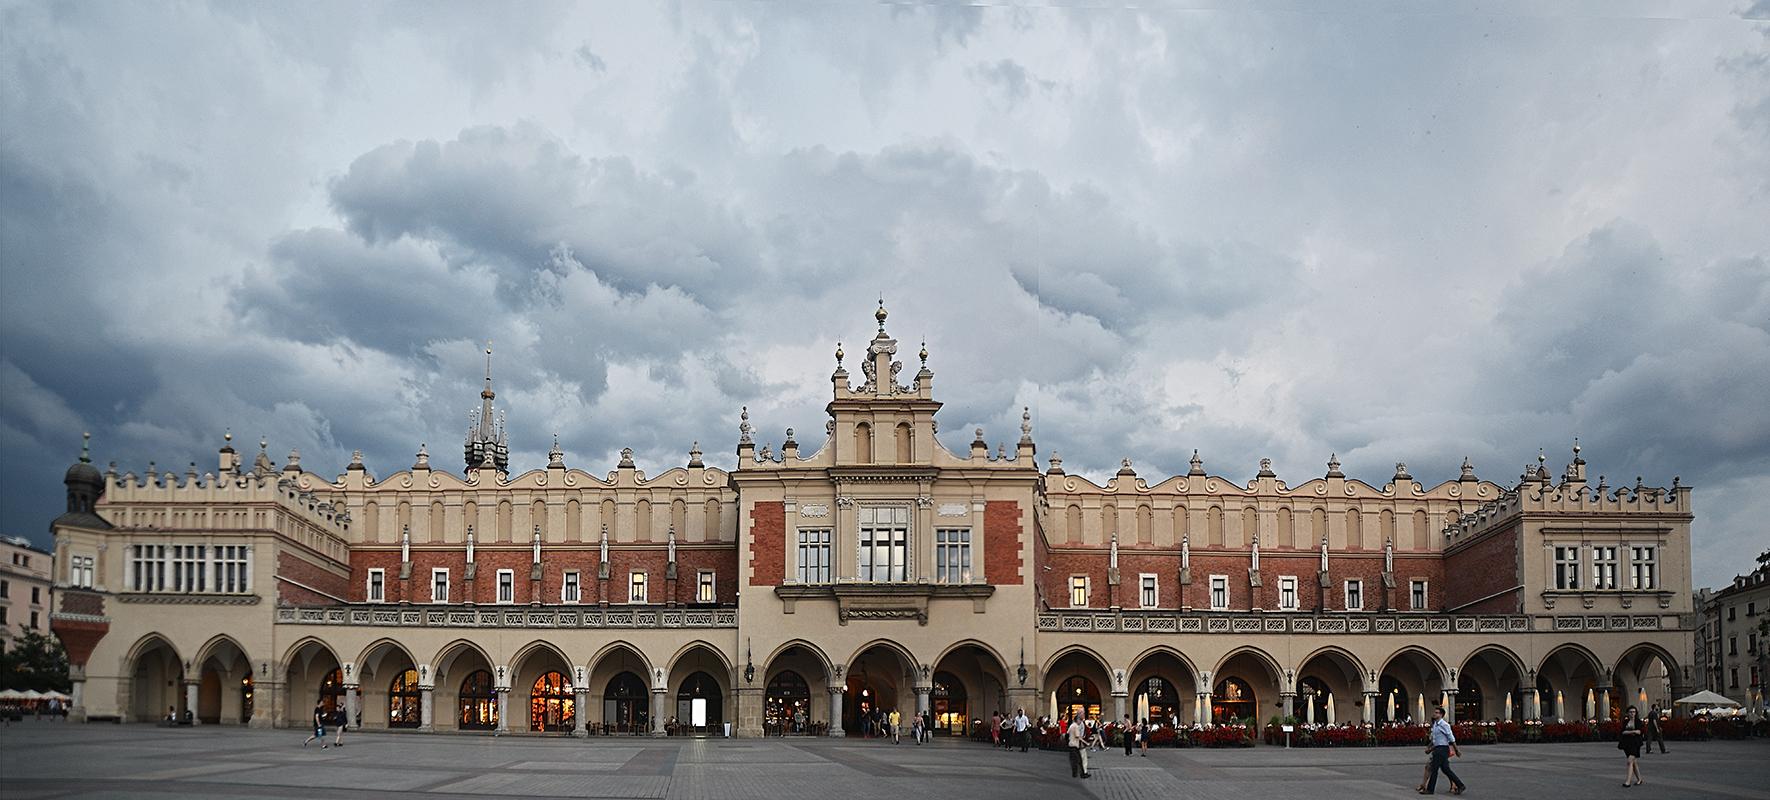 Krakow, Rynek